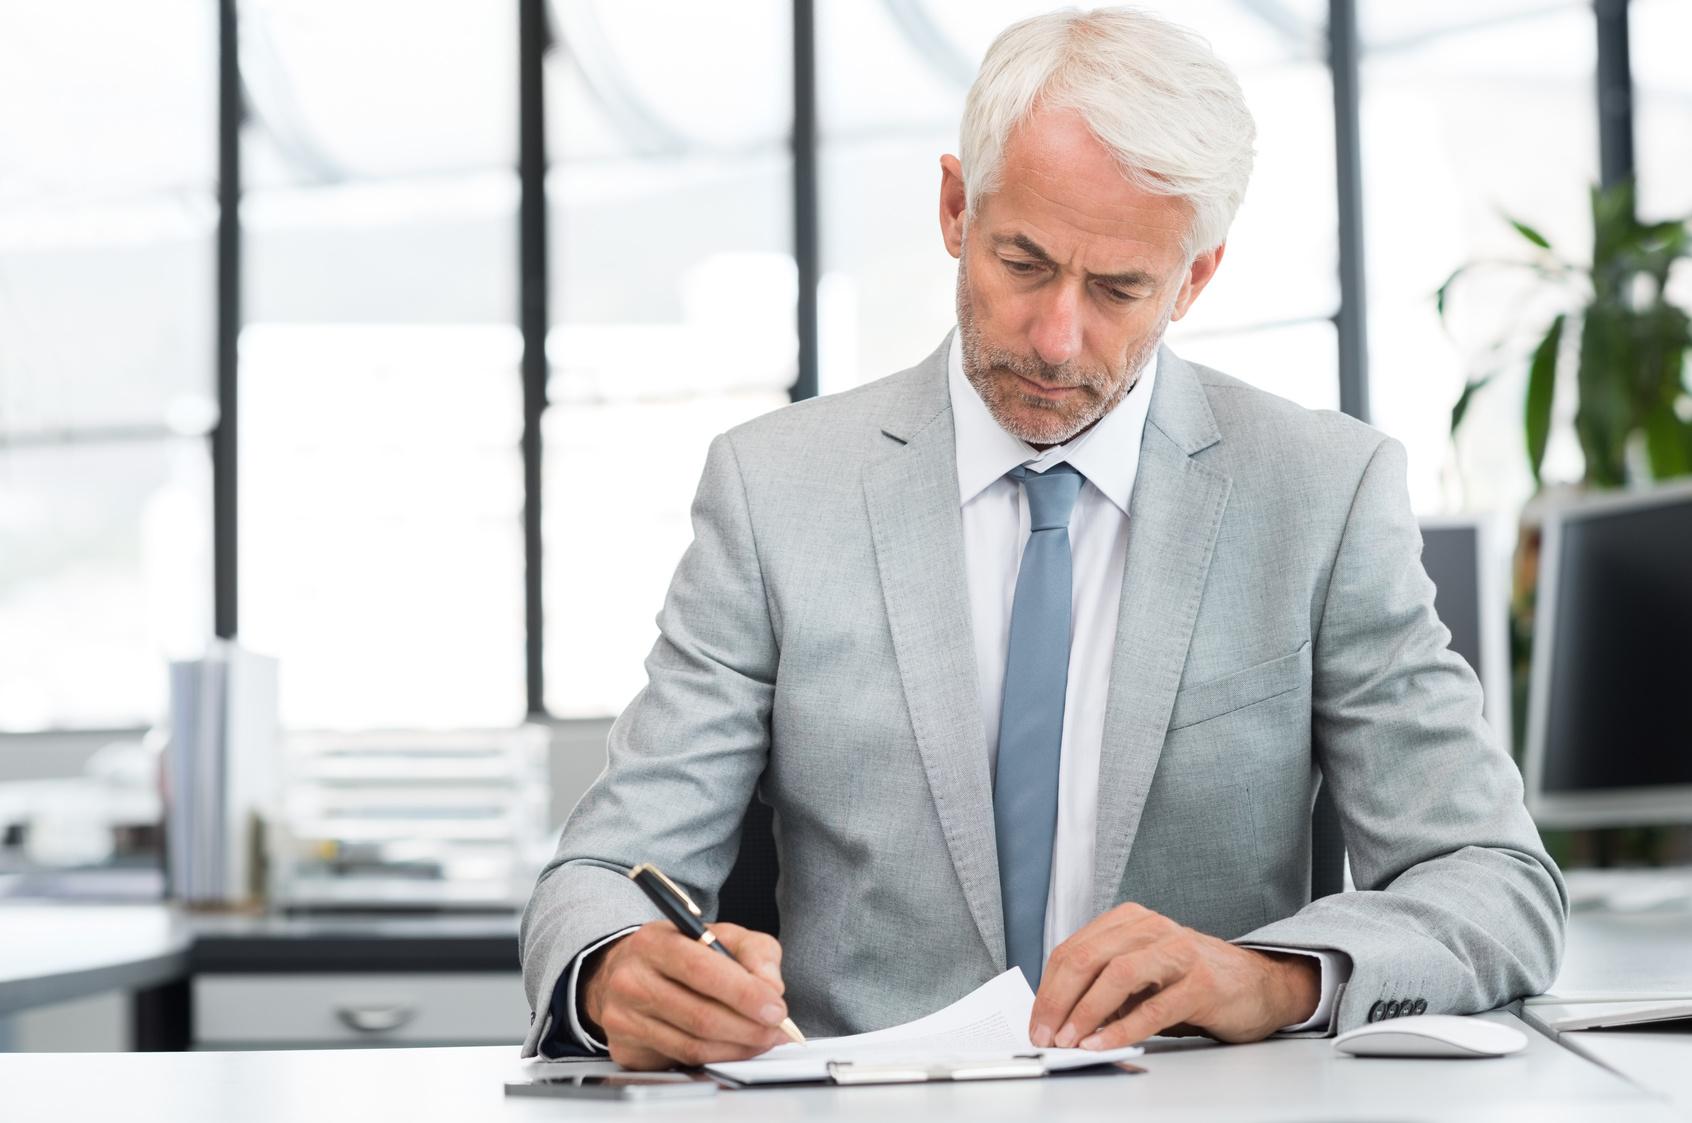 Mahnbrief durch Anwalt erstellen lassen